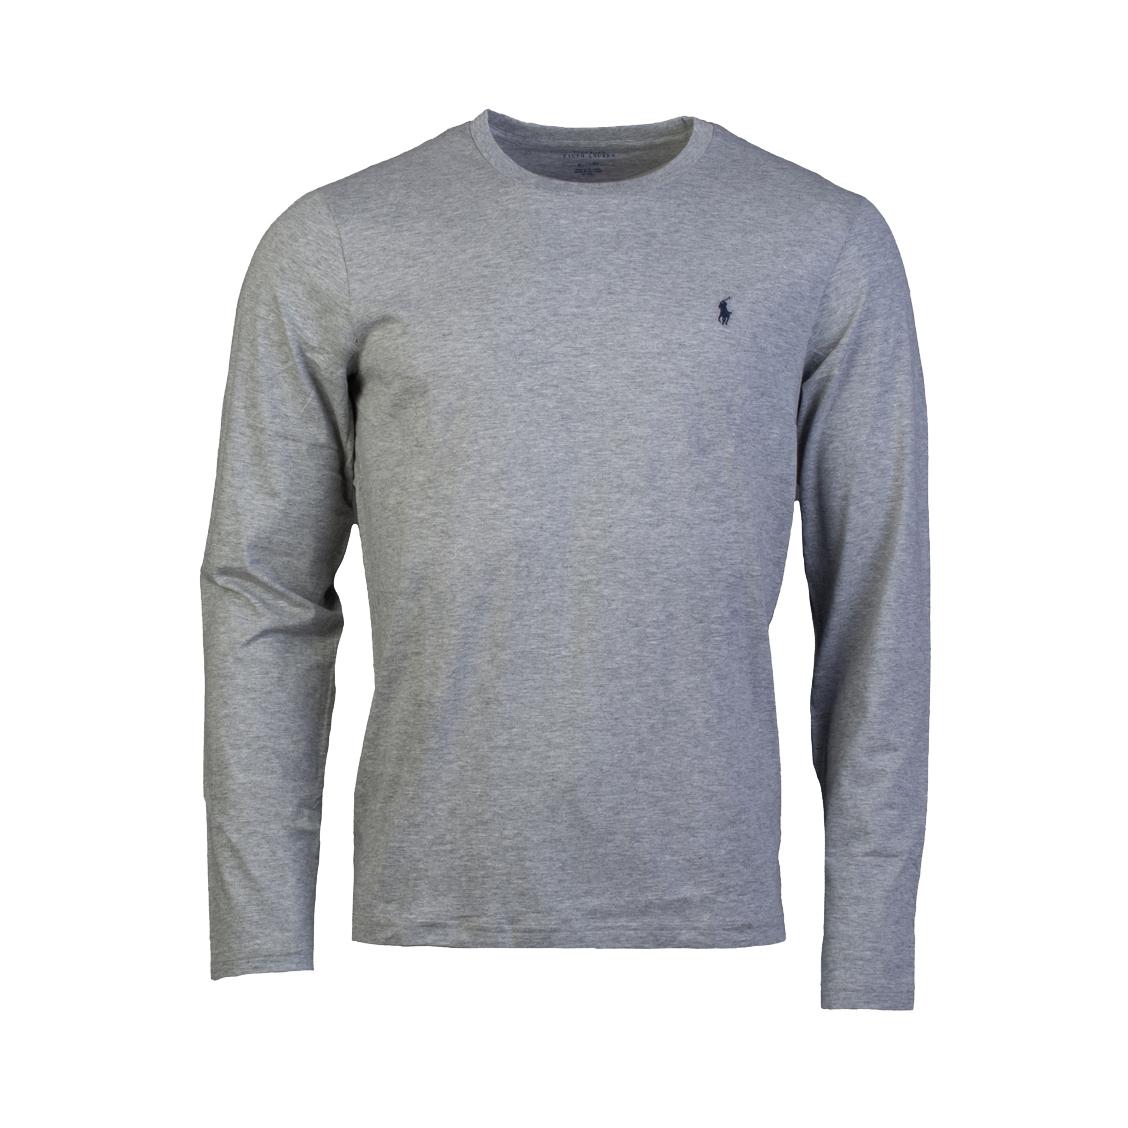 Tee-shirt manches longues col rond  en coton gris chiné brodé